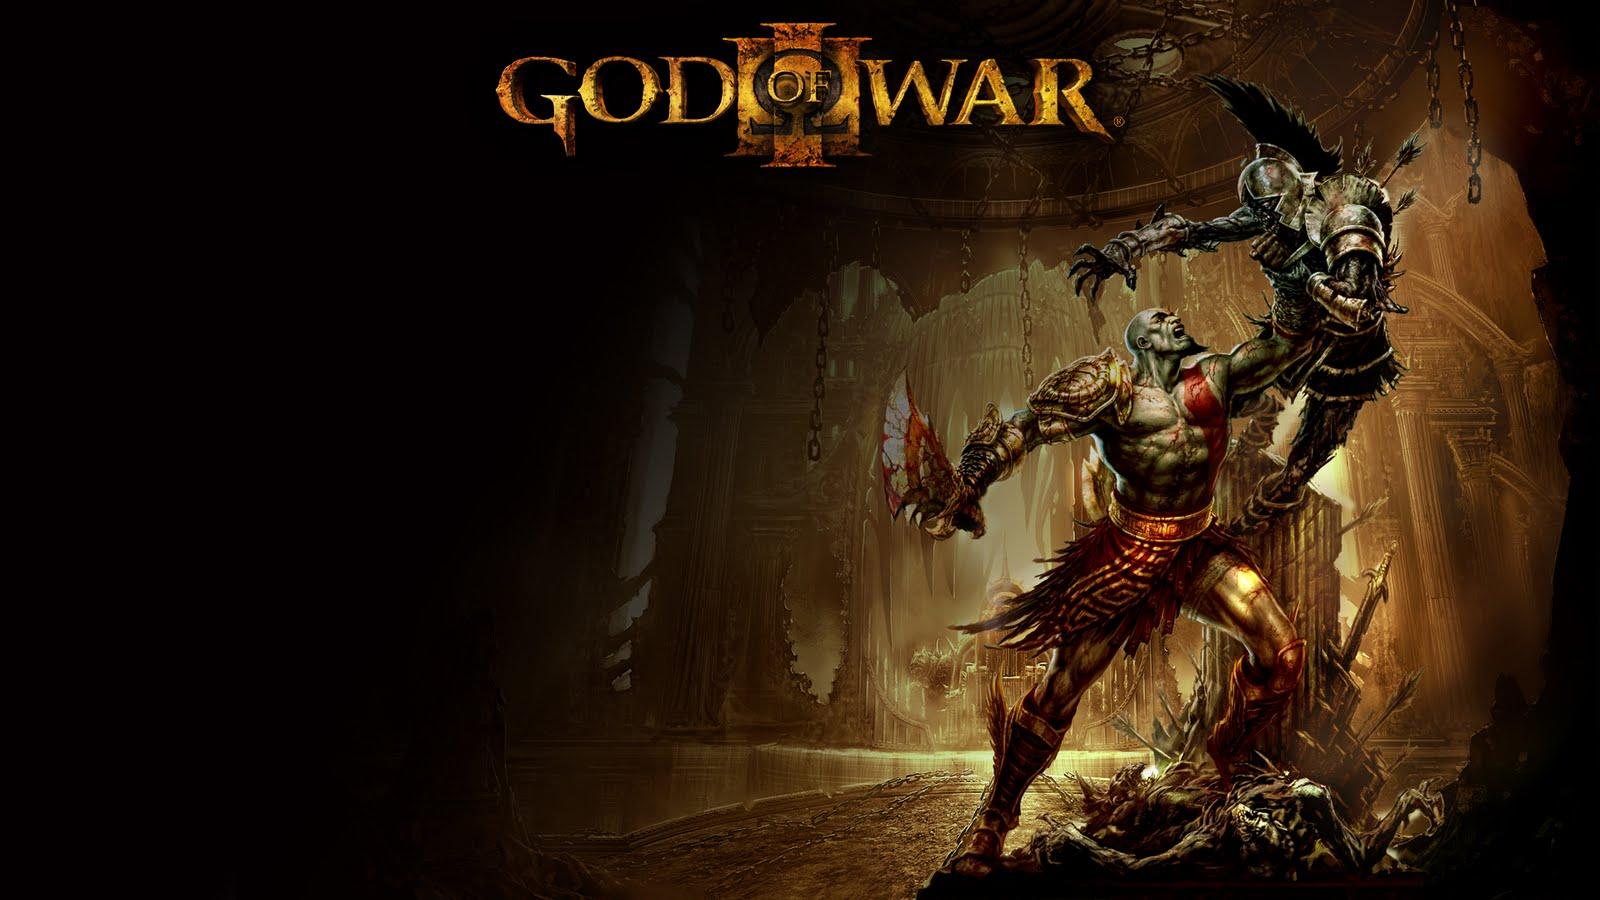 http://1.bp.blogspot.com/-kZp1M9i3sRo/TdWzcnQ6VKI/AAAAAAAAAAU/oR7t3wFUQnA/s1600/God_of_War_III_wallpaper.jpg